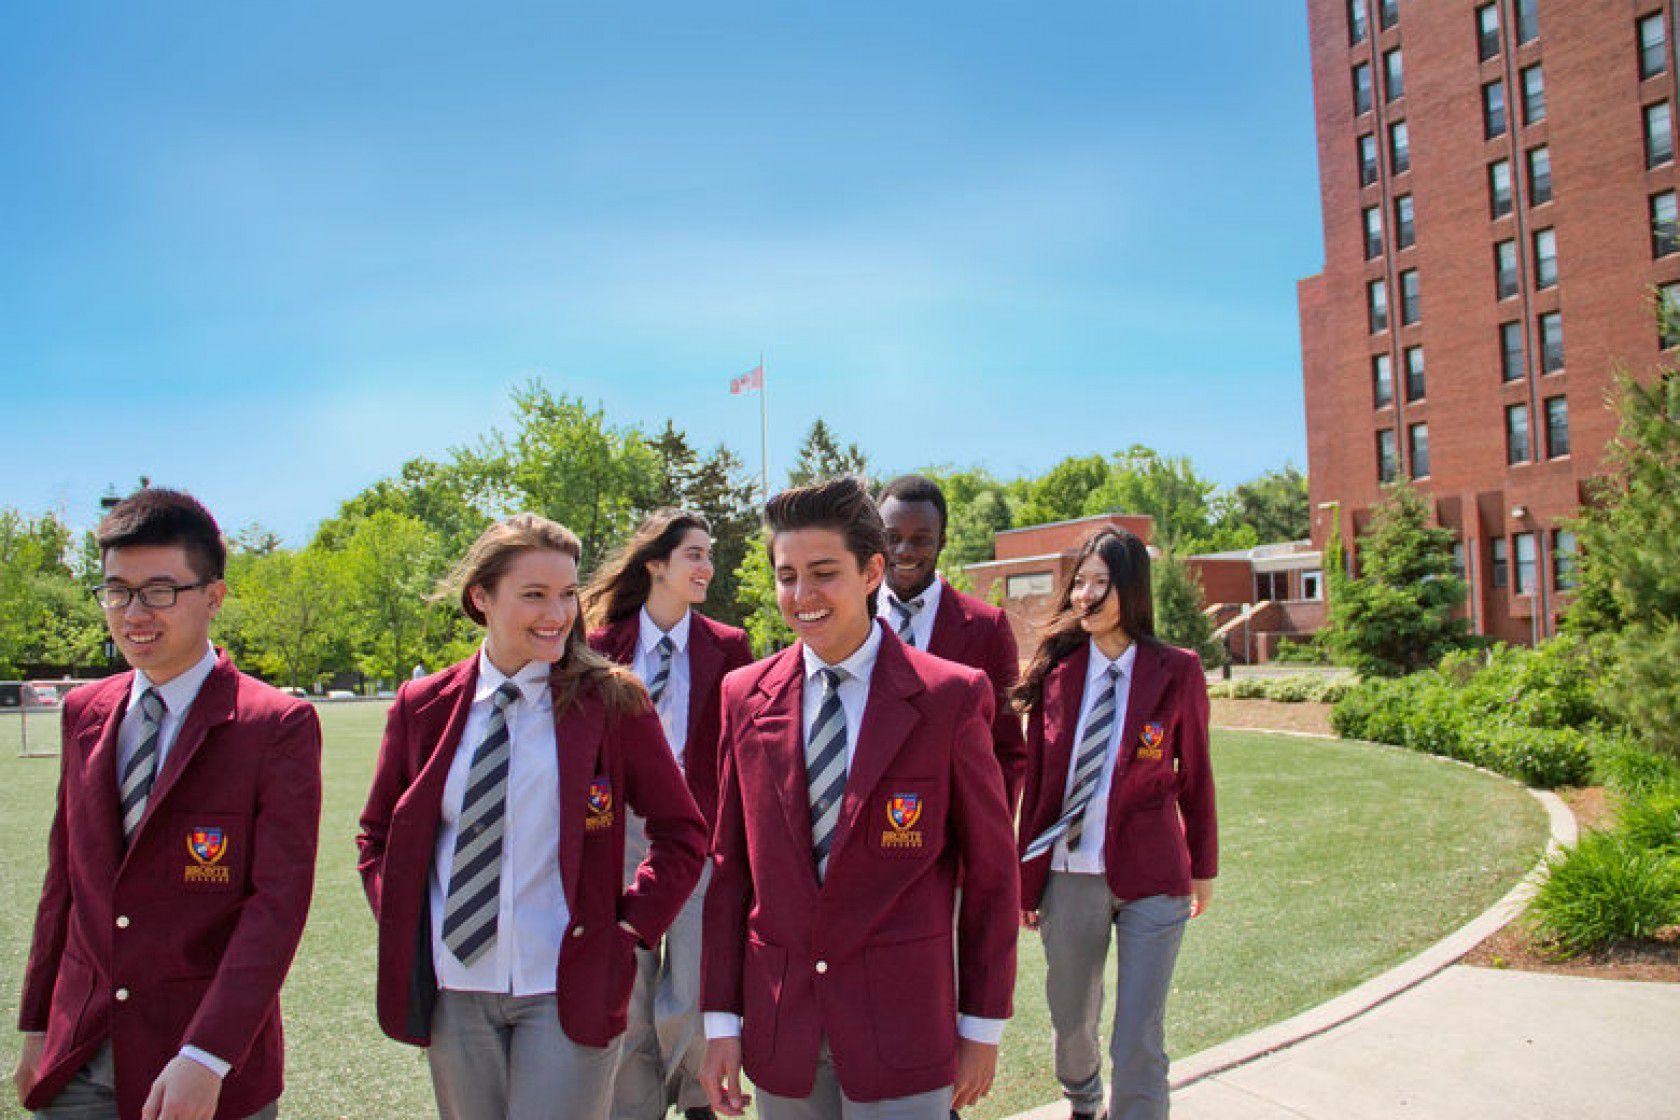 Kanada Öğrenci Vizesi Başvuruları Hakkında Bilinmesi Gerekenler